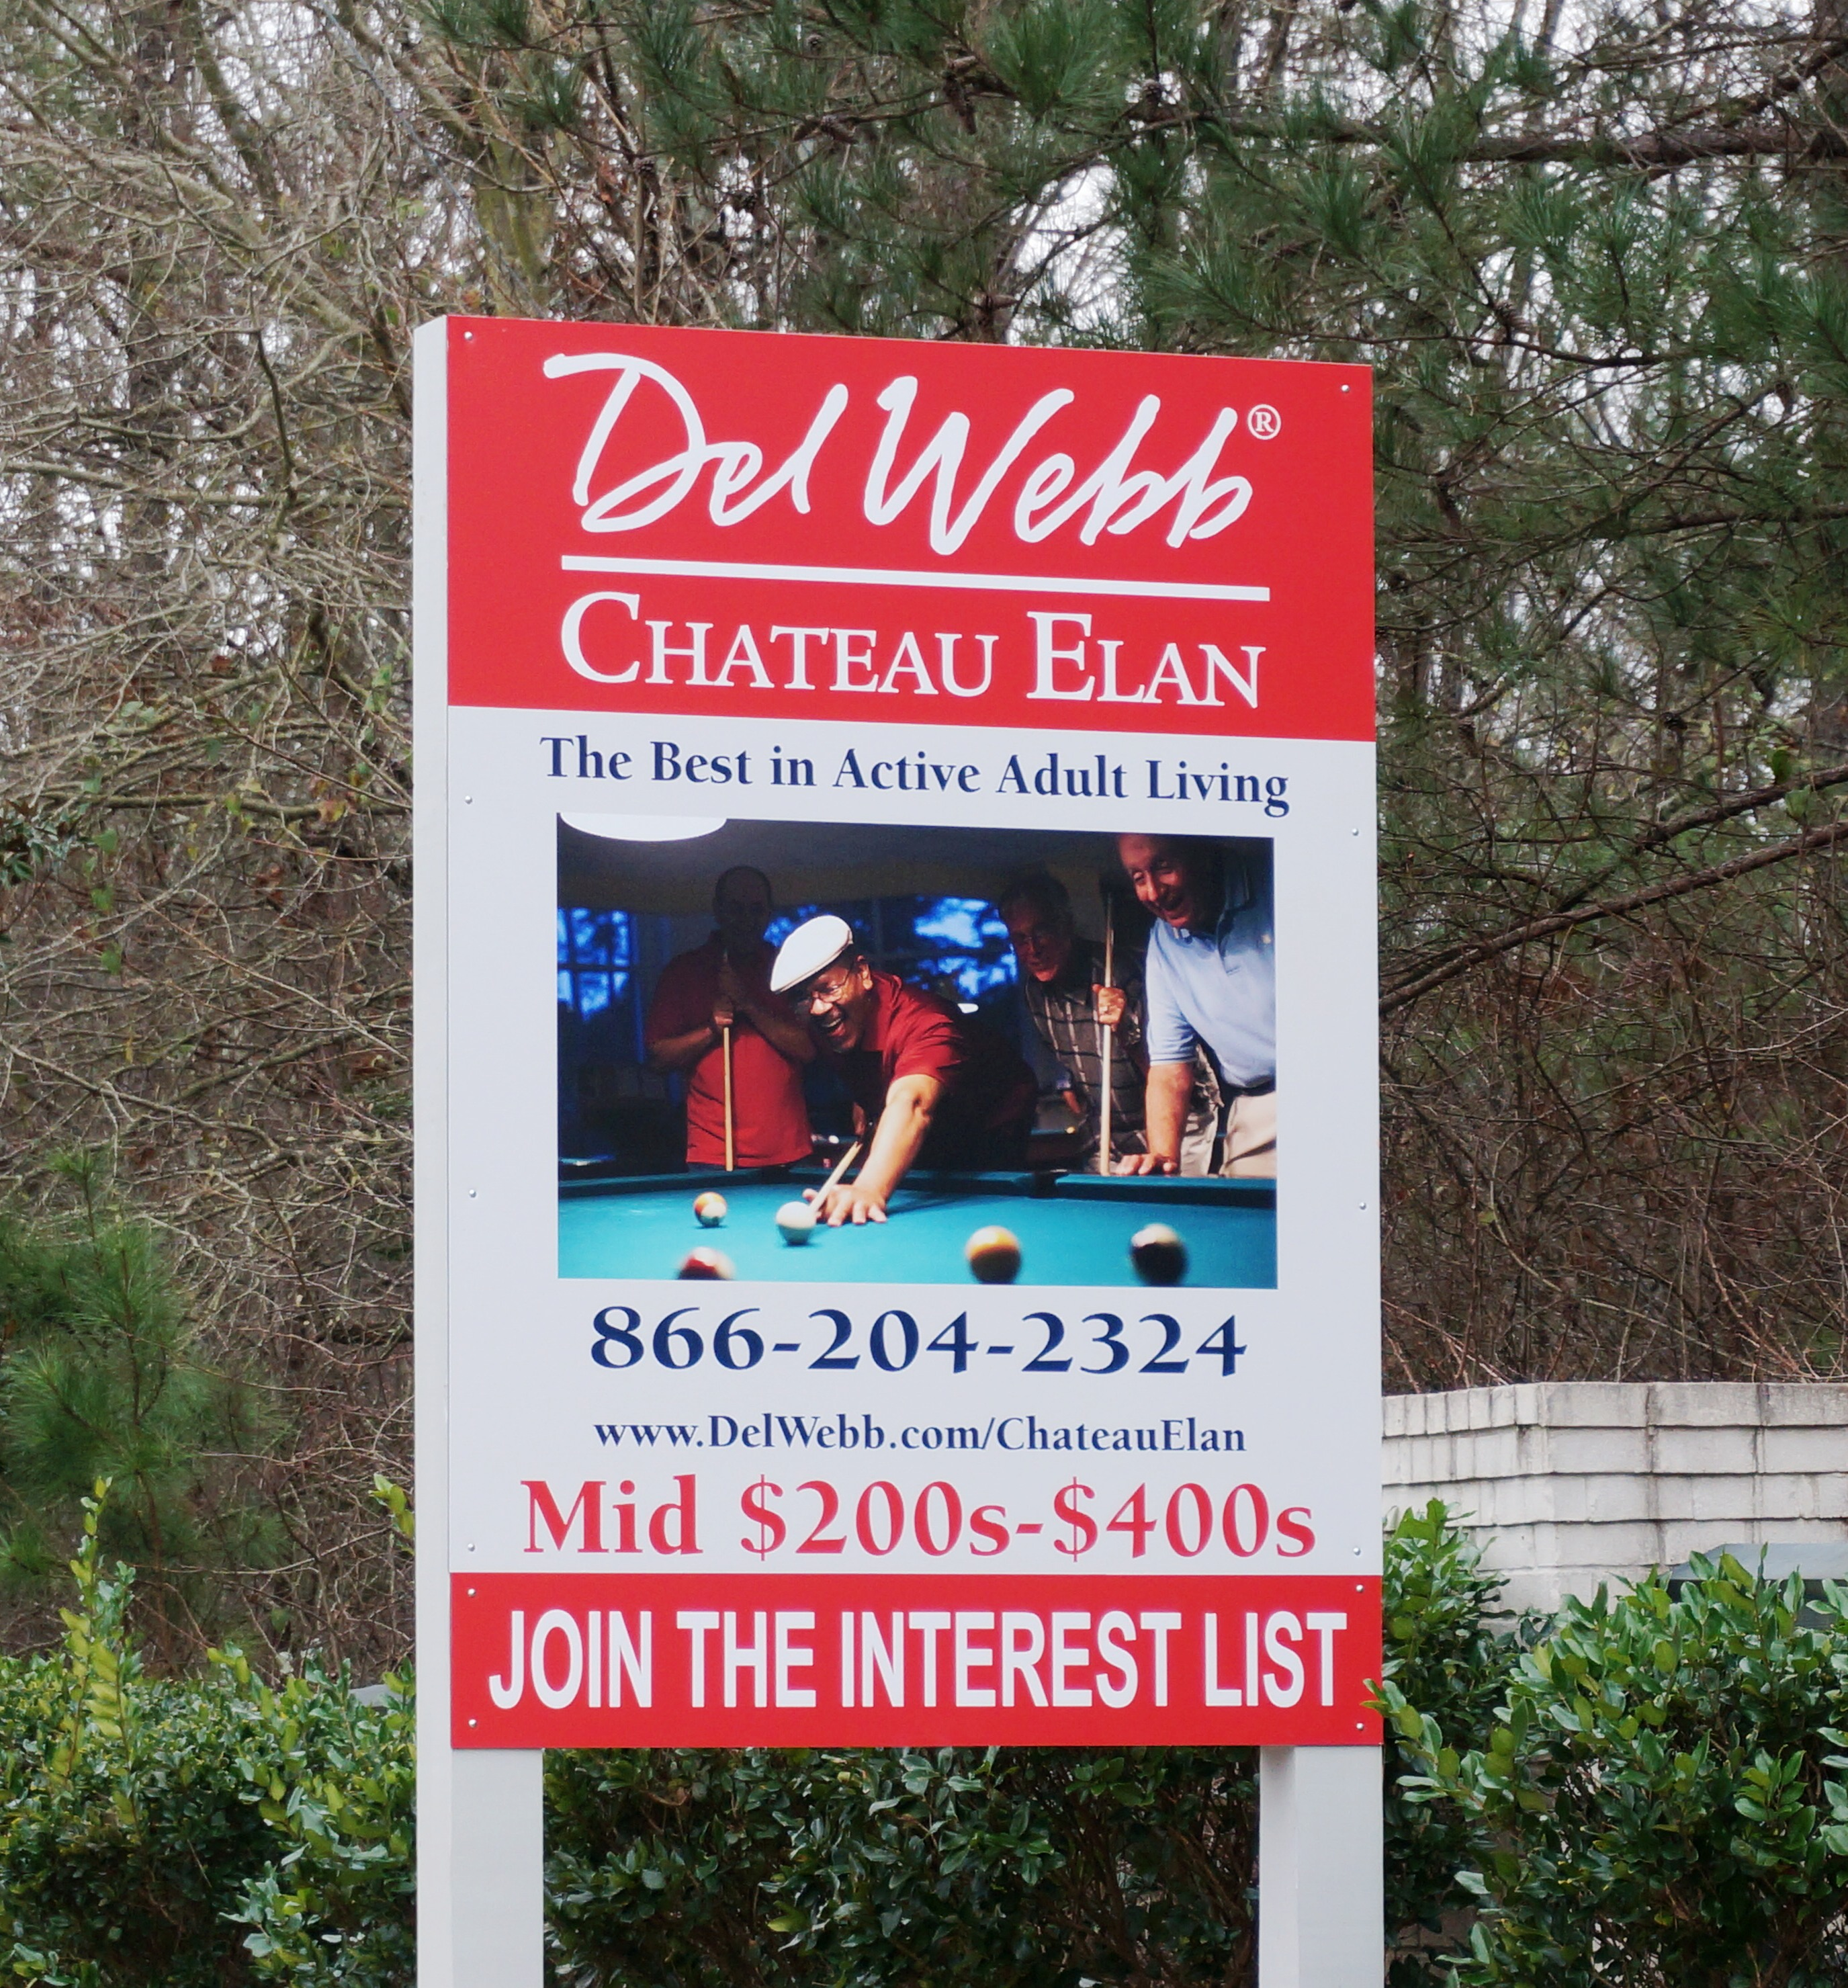 Del Webb at Chateau Elan